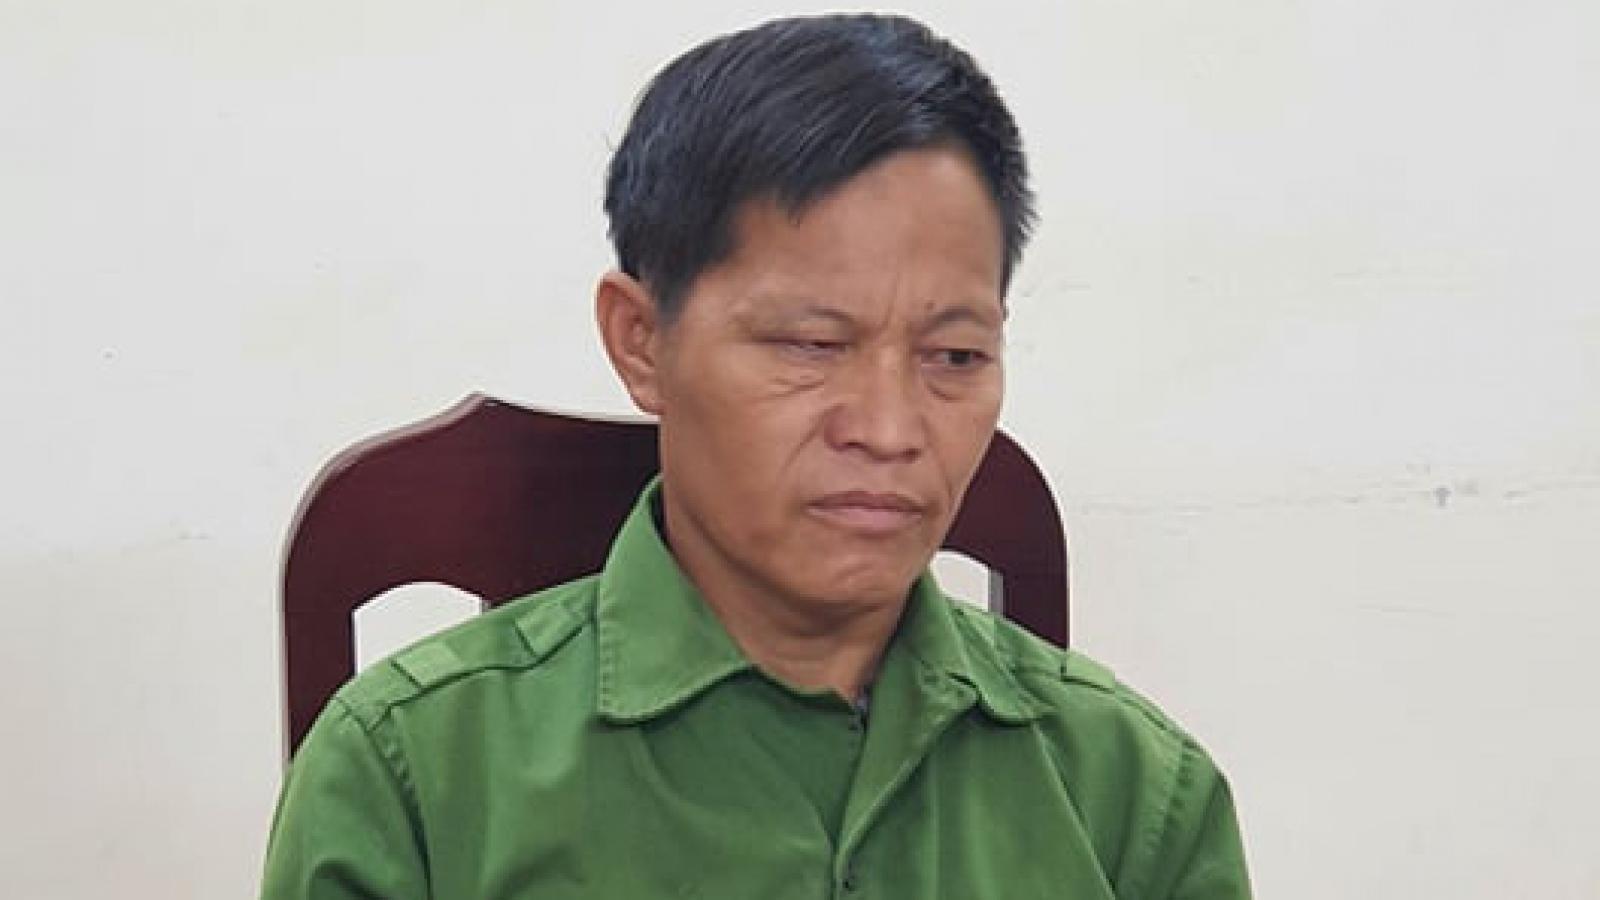 Hà Giang: Mâu thuẫn nhỏ, 4 bố con sát hại 2 người hàng xóm